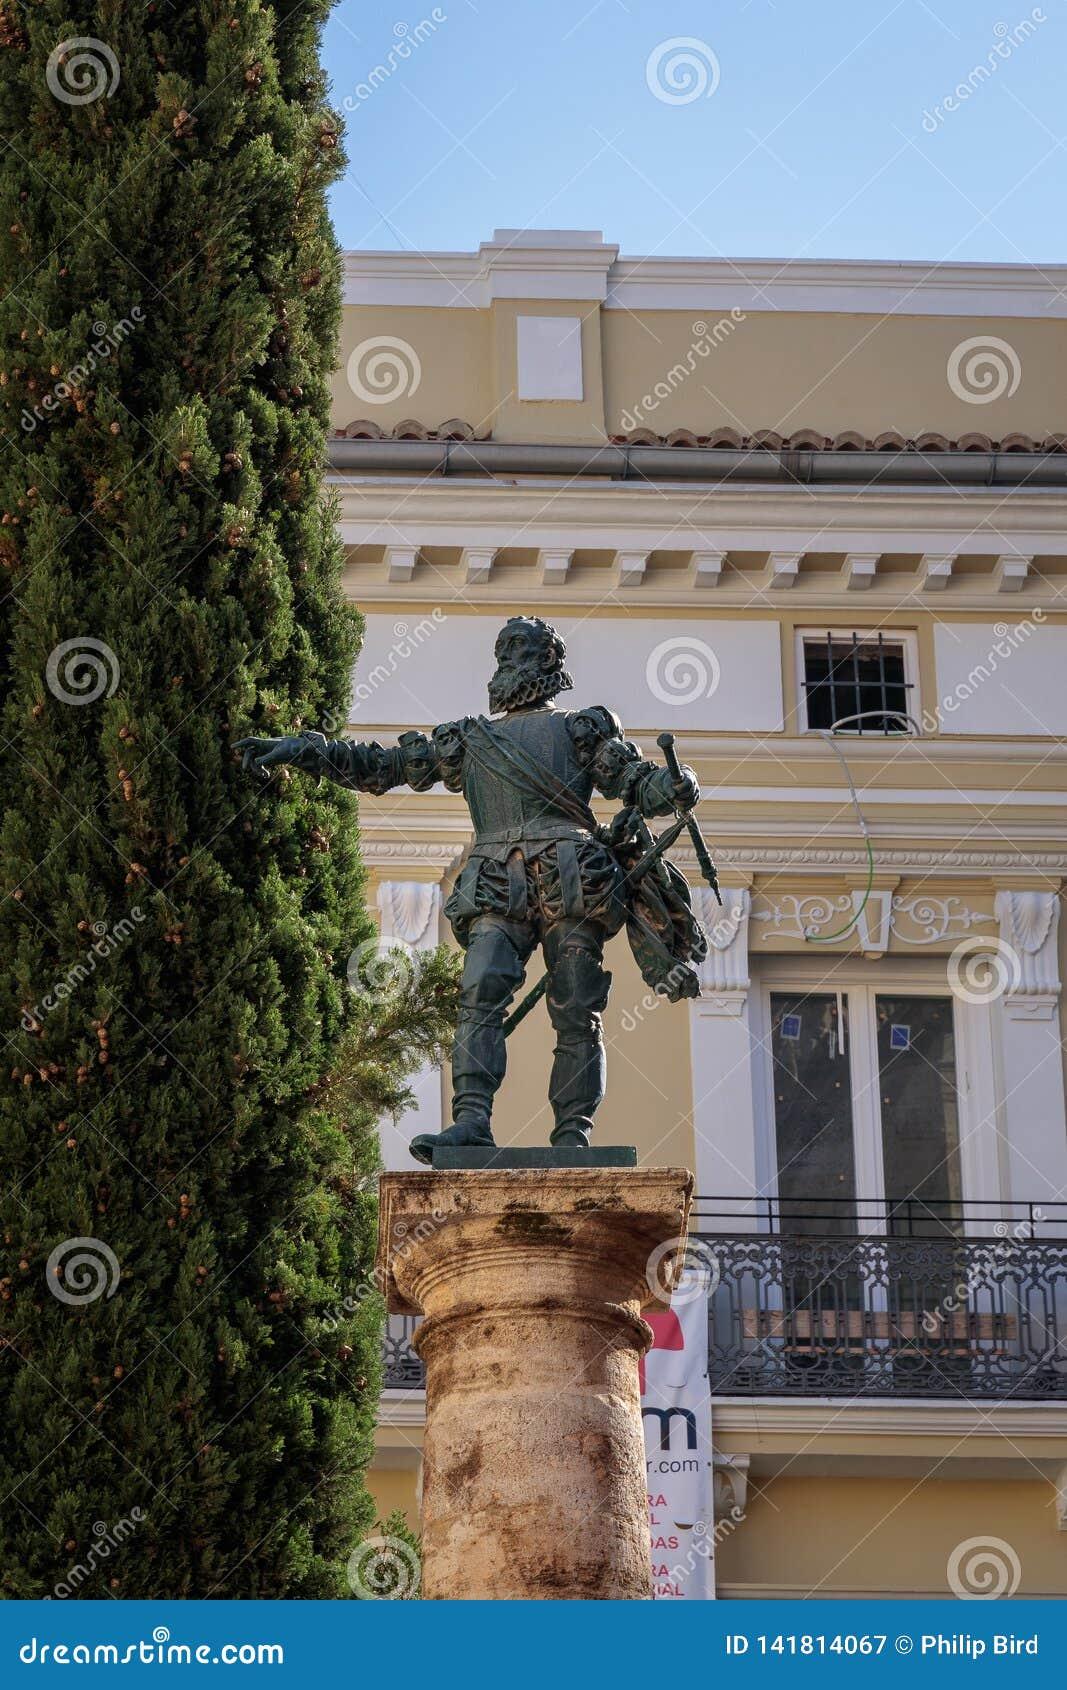 Άγαλμα Conquistador Francisco de Pizarro σε Placa de Manises Βαλένθια Ισπανία στις 25 Φεβρουαρίου,